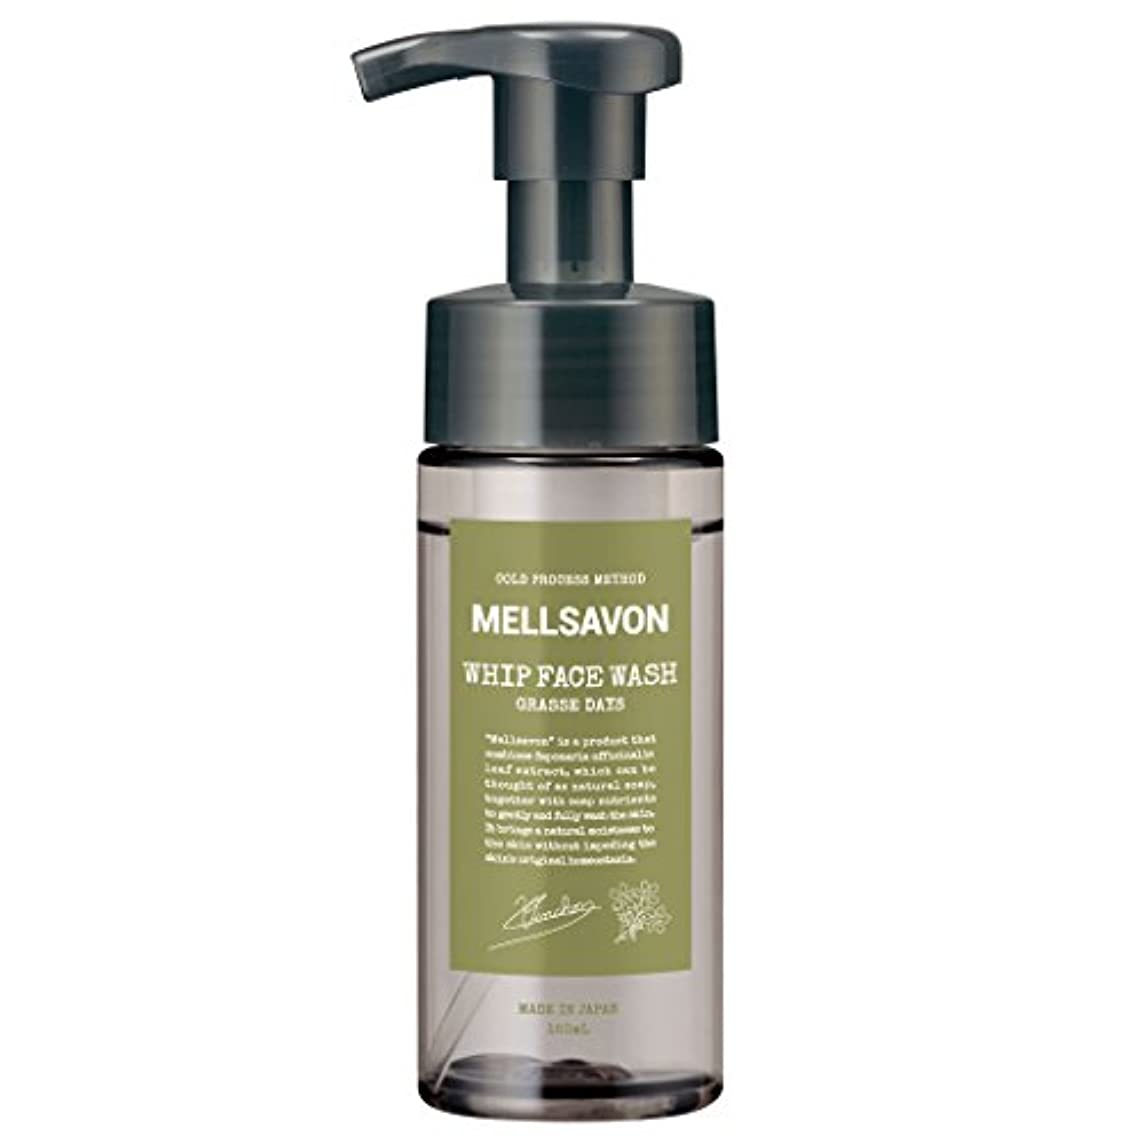 ペック出血反対にMellsavon(メルサボン) メルサボン ホイップフェイスウォッシュ グラースデイズ 150mL 洗顔